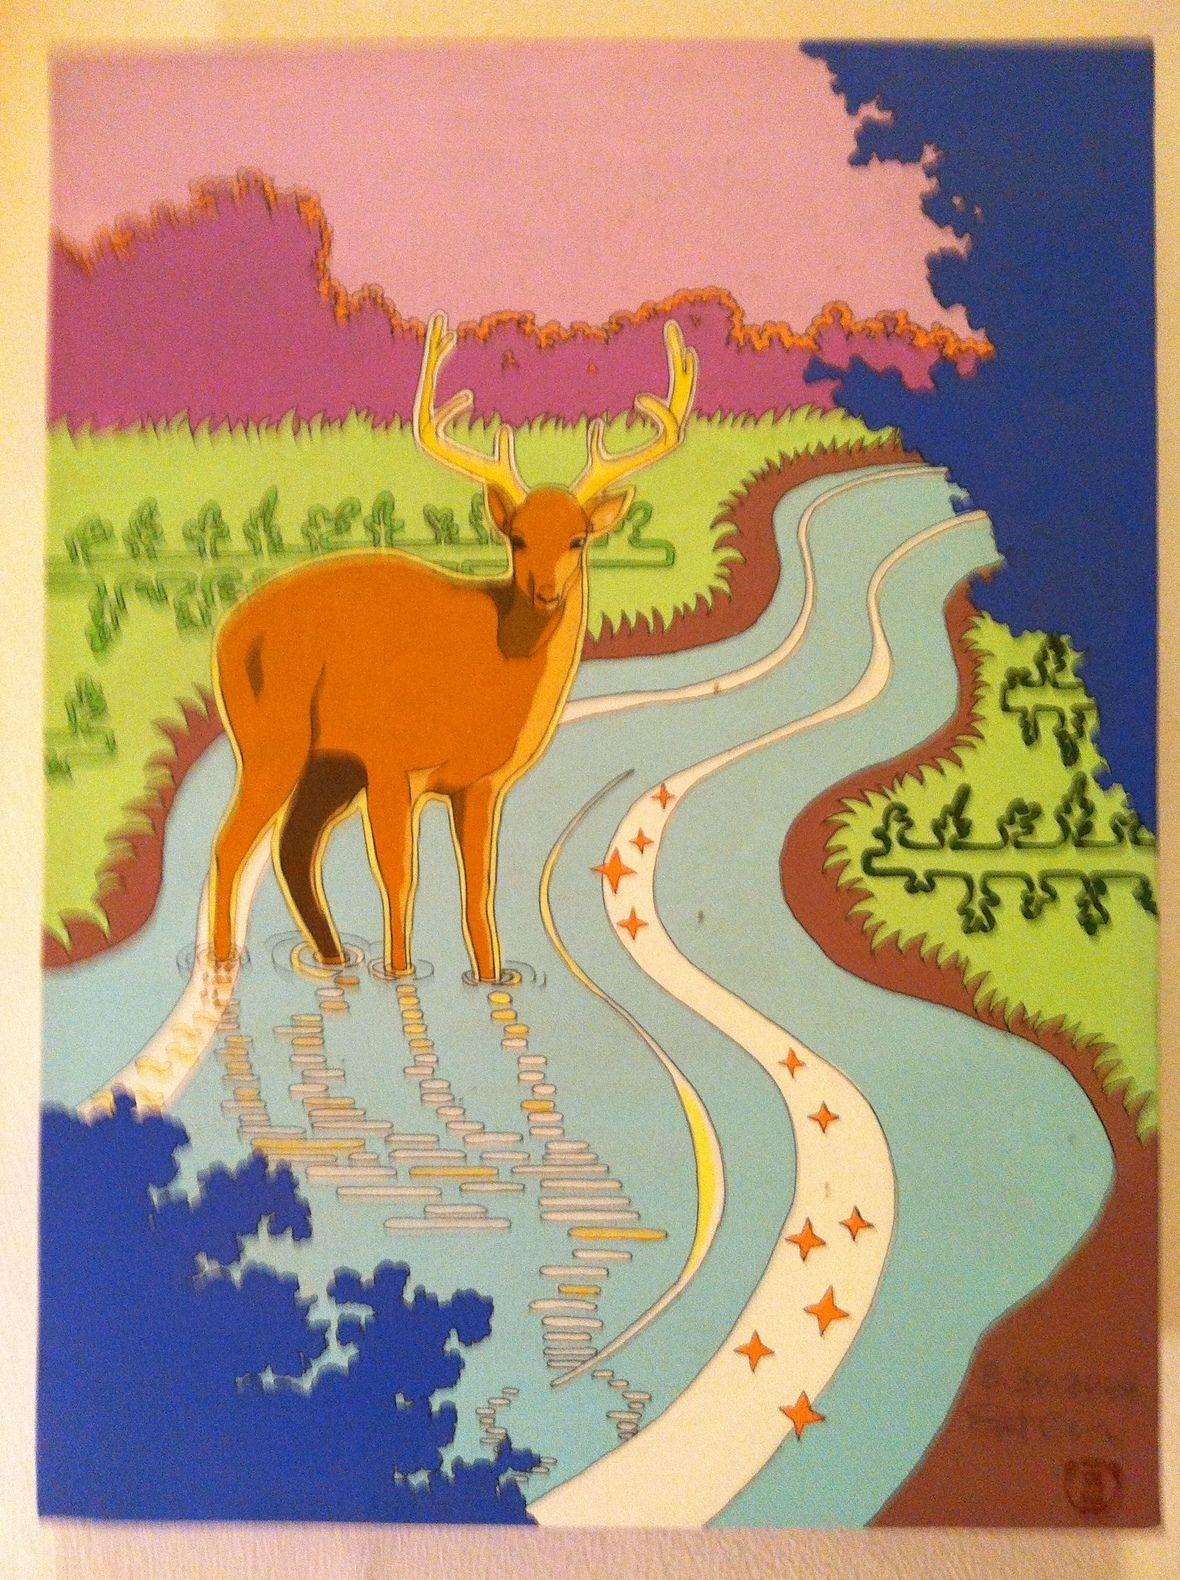 Deer Spirit Healing, Awakening & Ascension Meetup